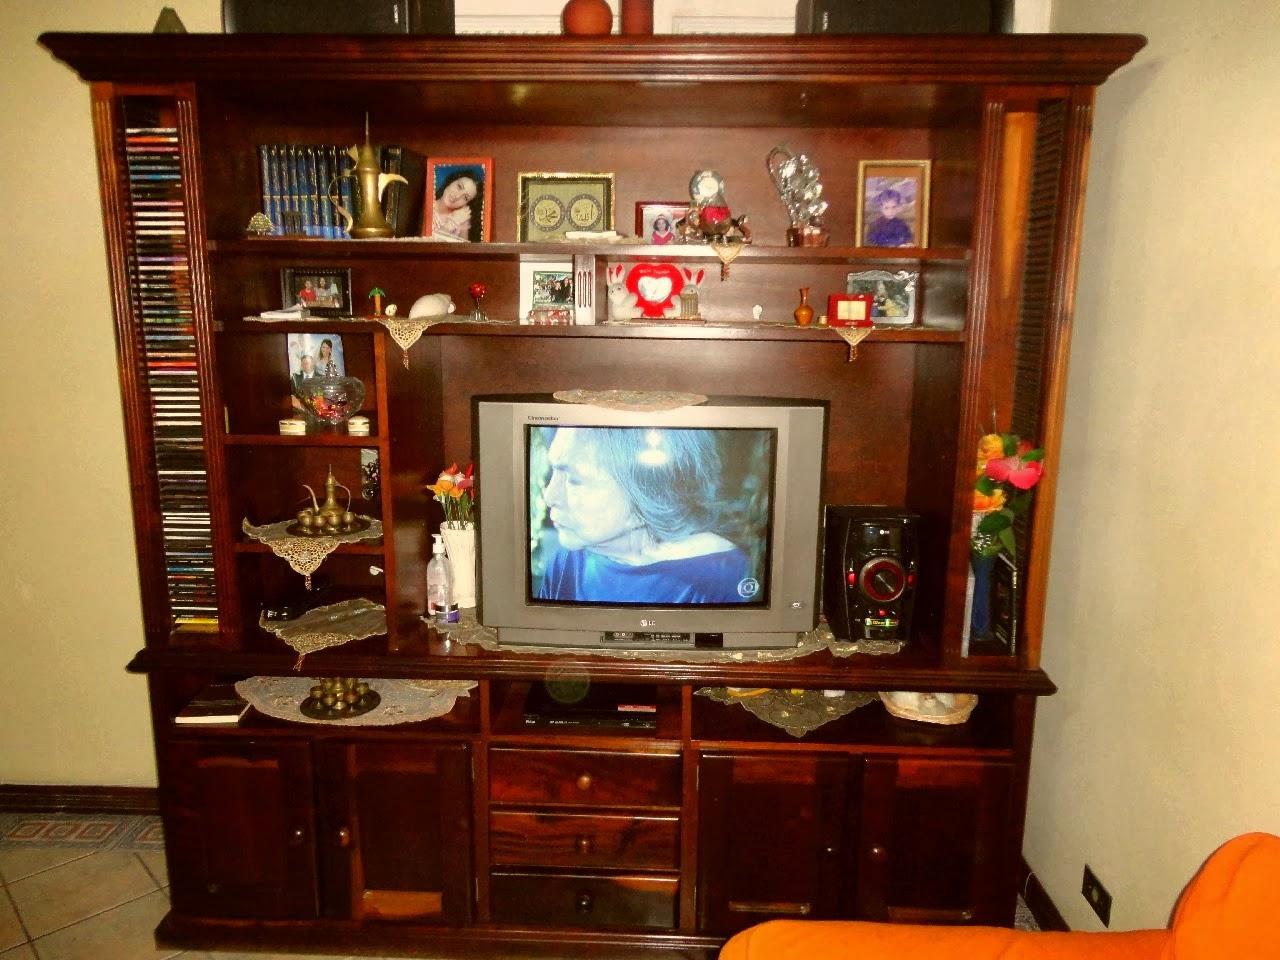 televisões ficavam apoiadas nas estantes grandonas cheias de enfeites  #320E04 1280x960